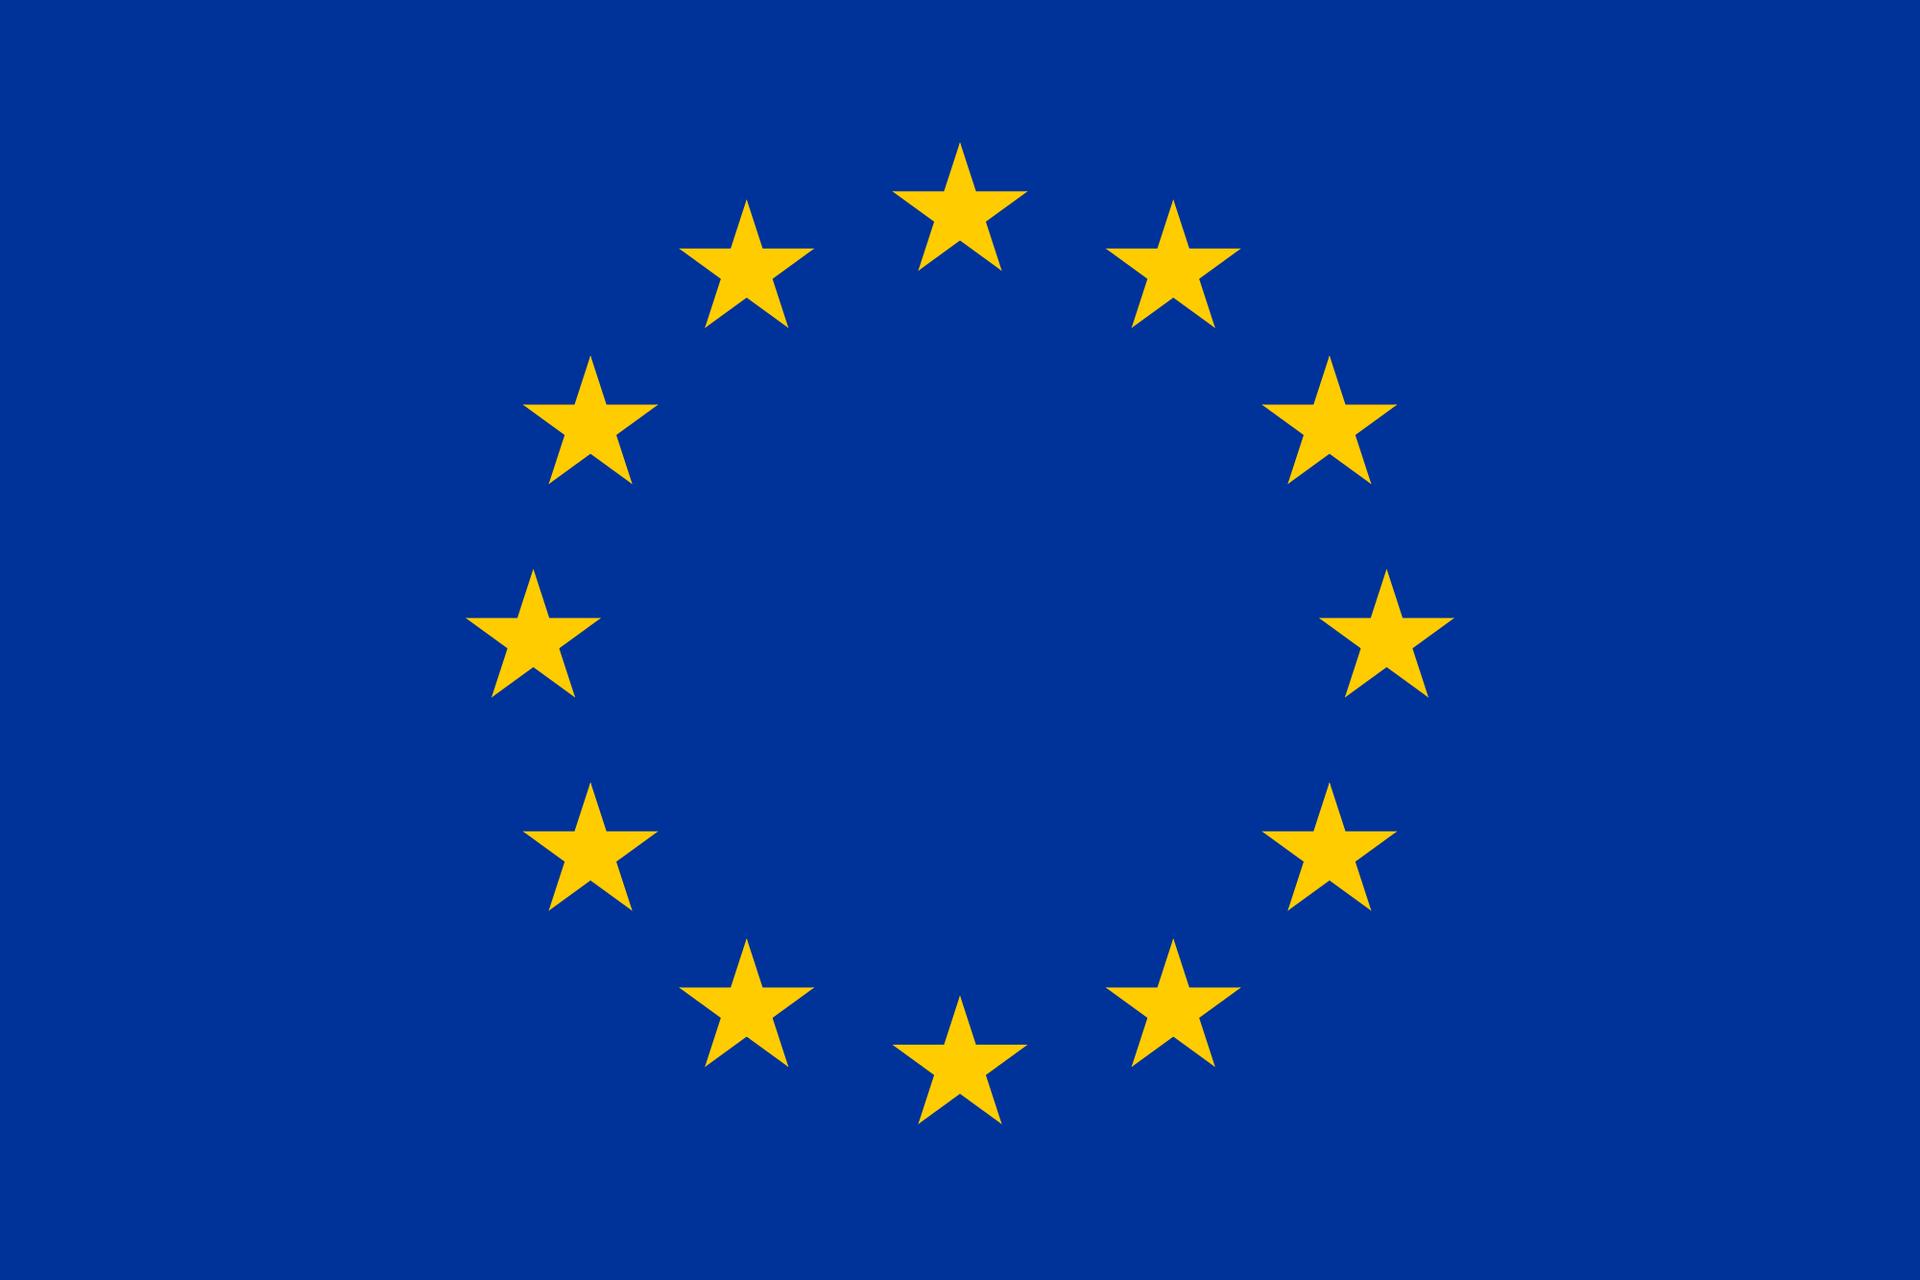 Flaga Unii Europejskiej. Na ciemnoniebieskim tle ułożonych wokrąg dwanaście pięcioramiennych, złotych gwiazd.